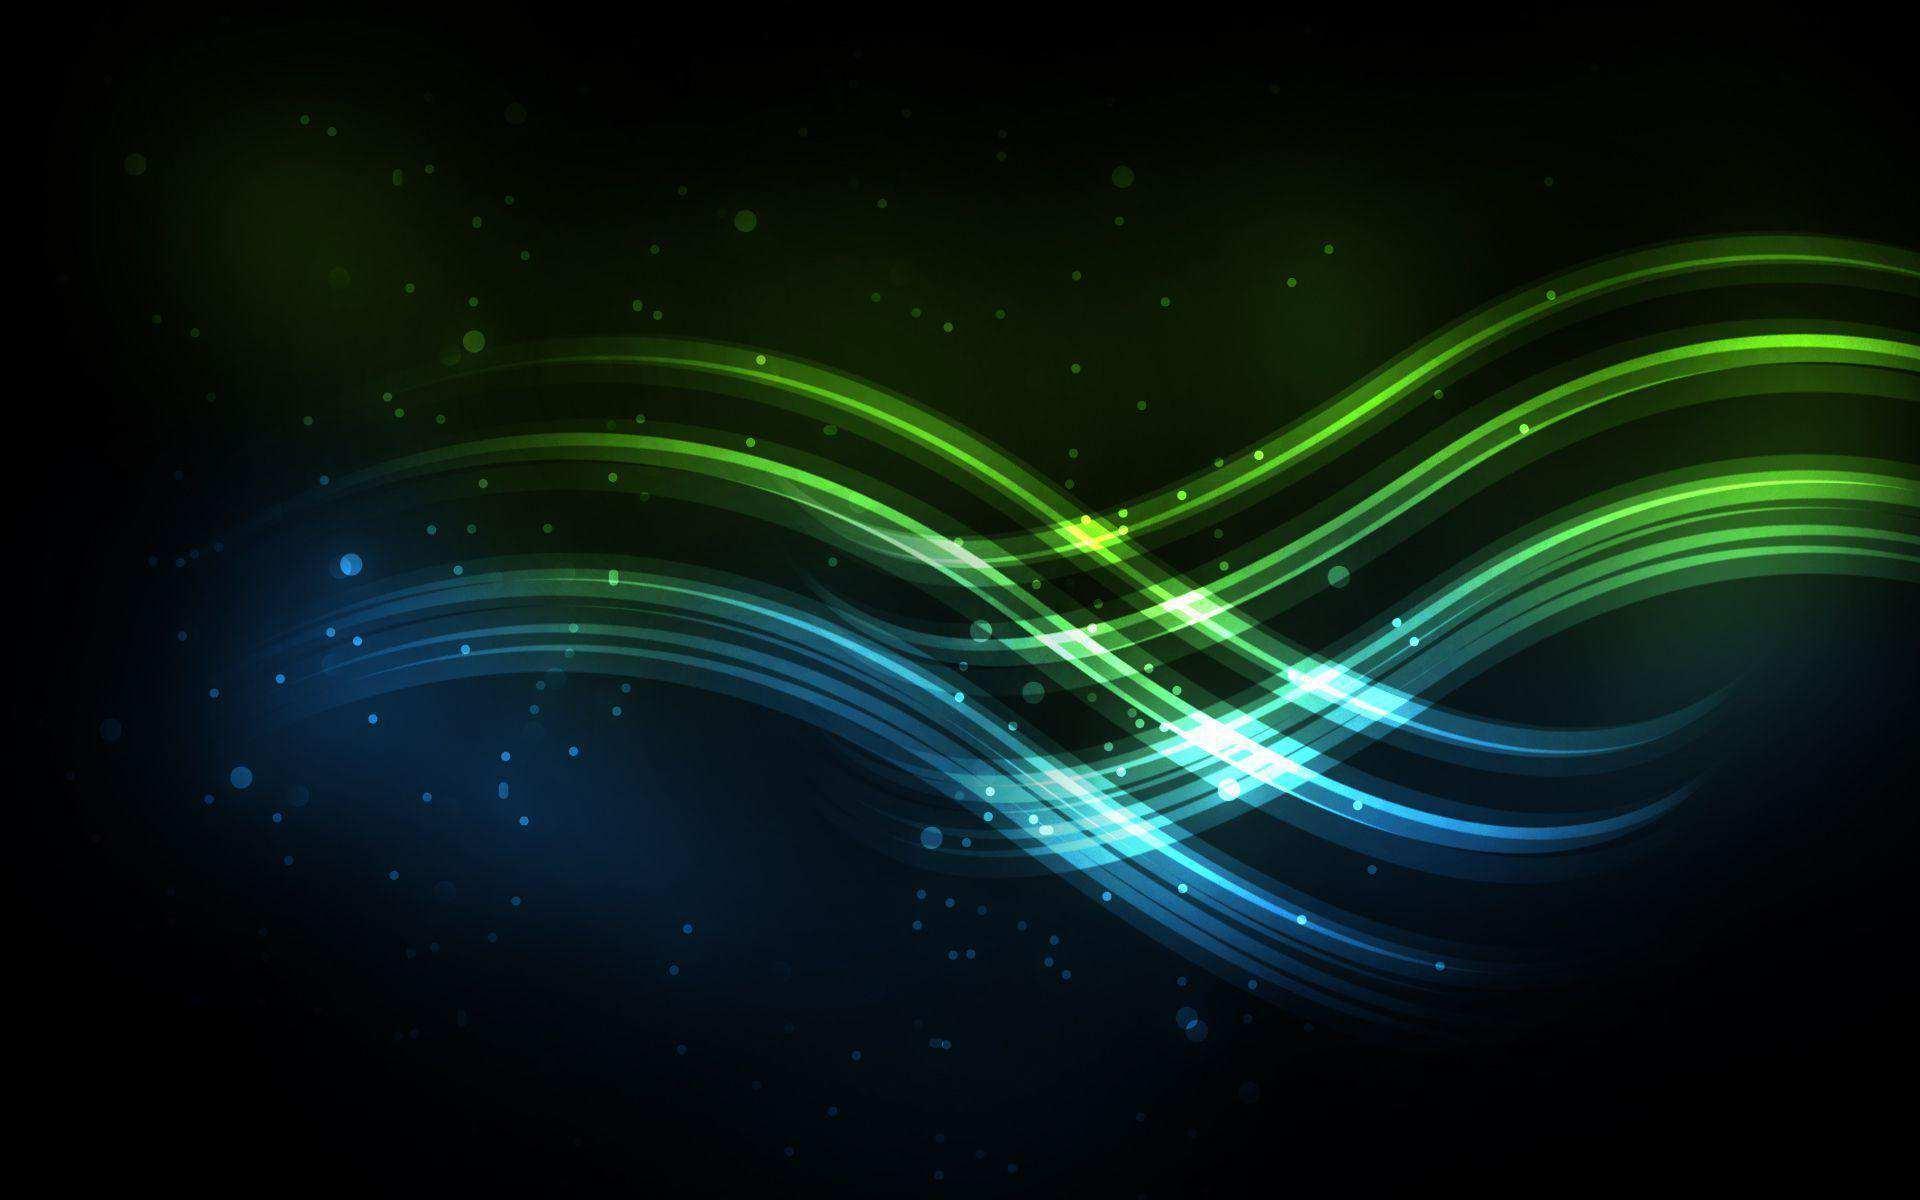 Hình nền máy tính HD các đường sáng xanh đẹp